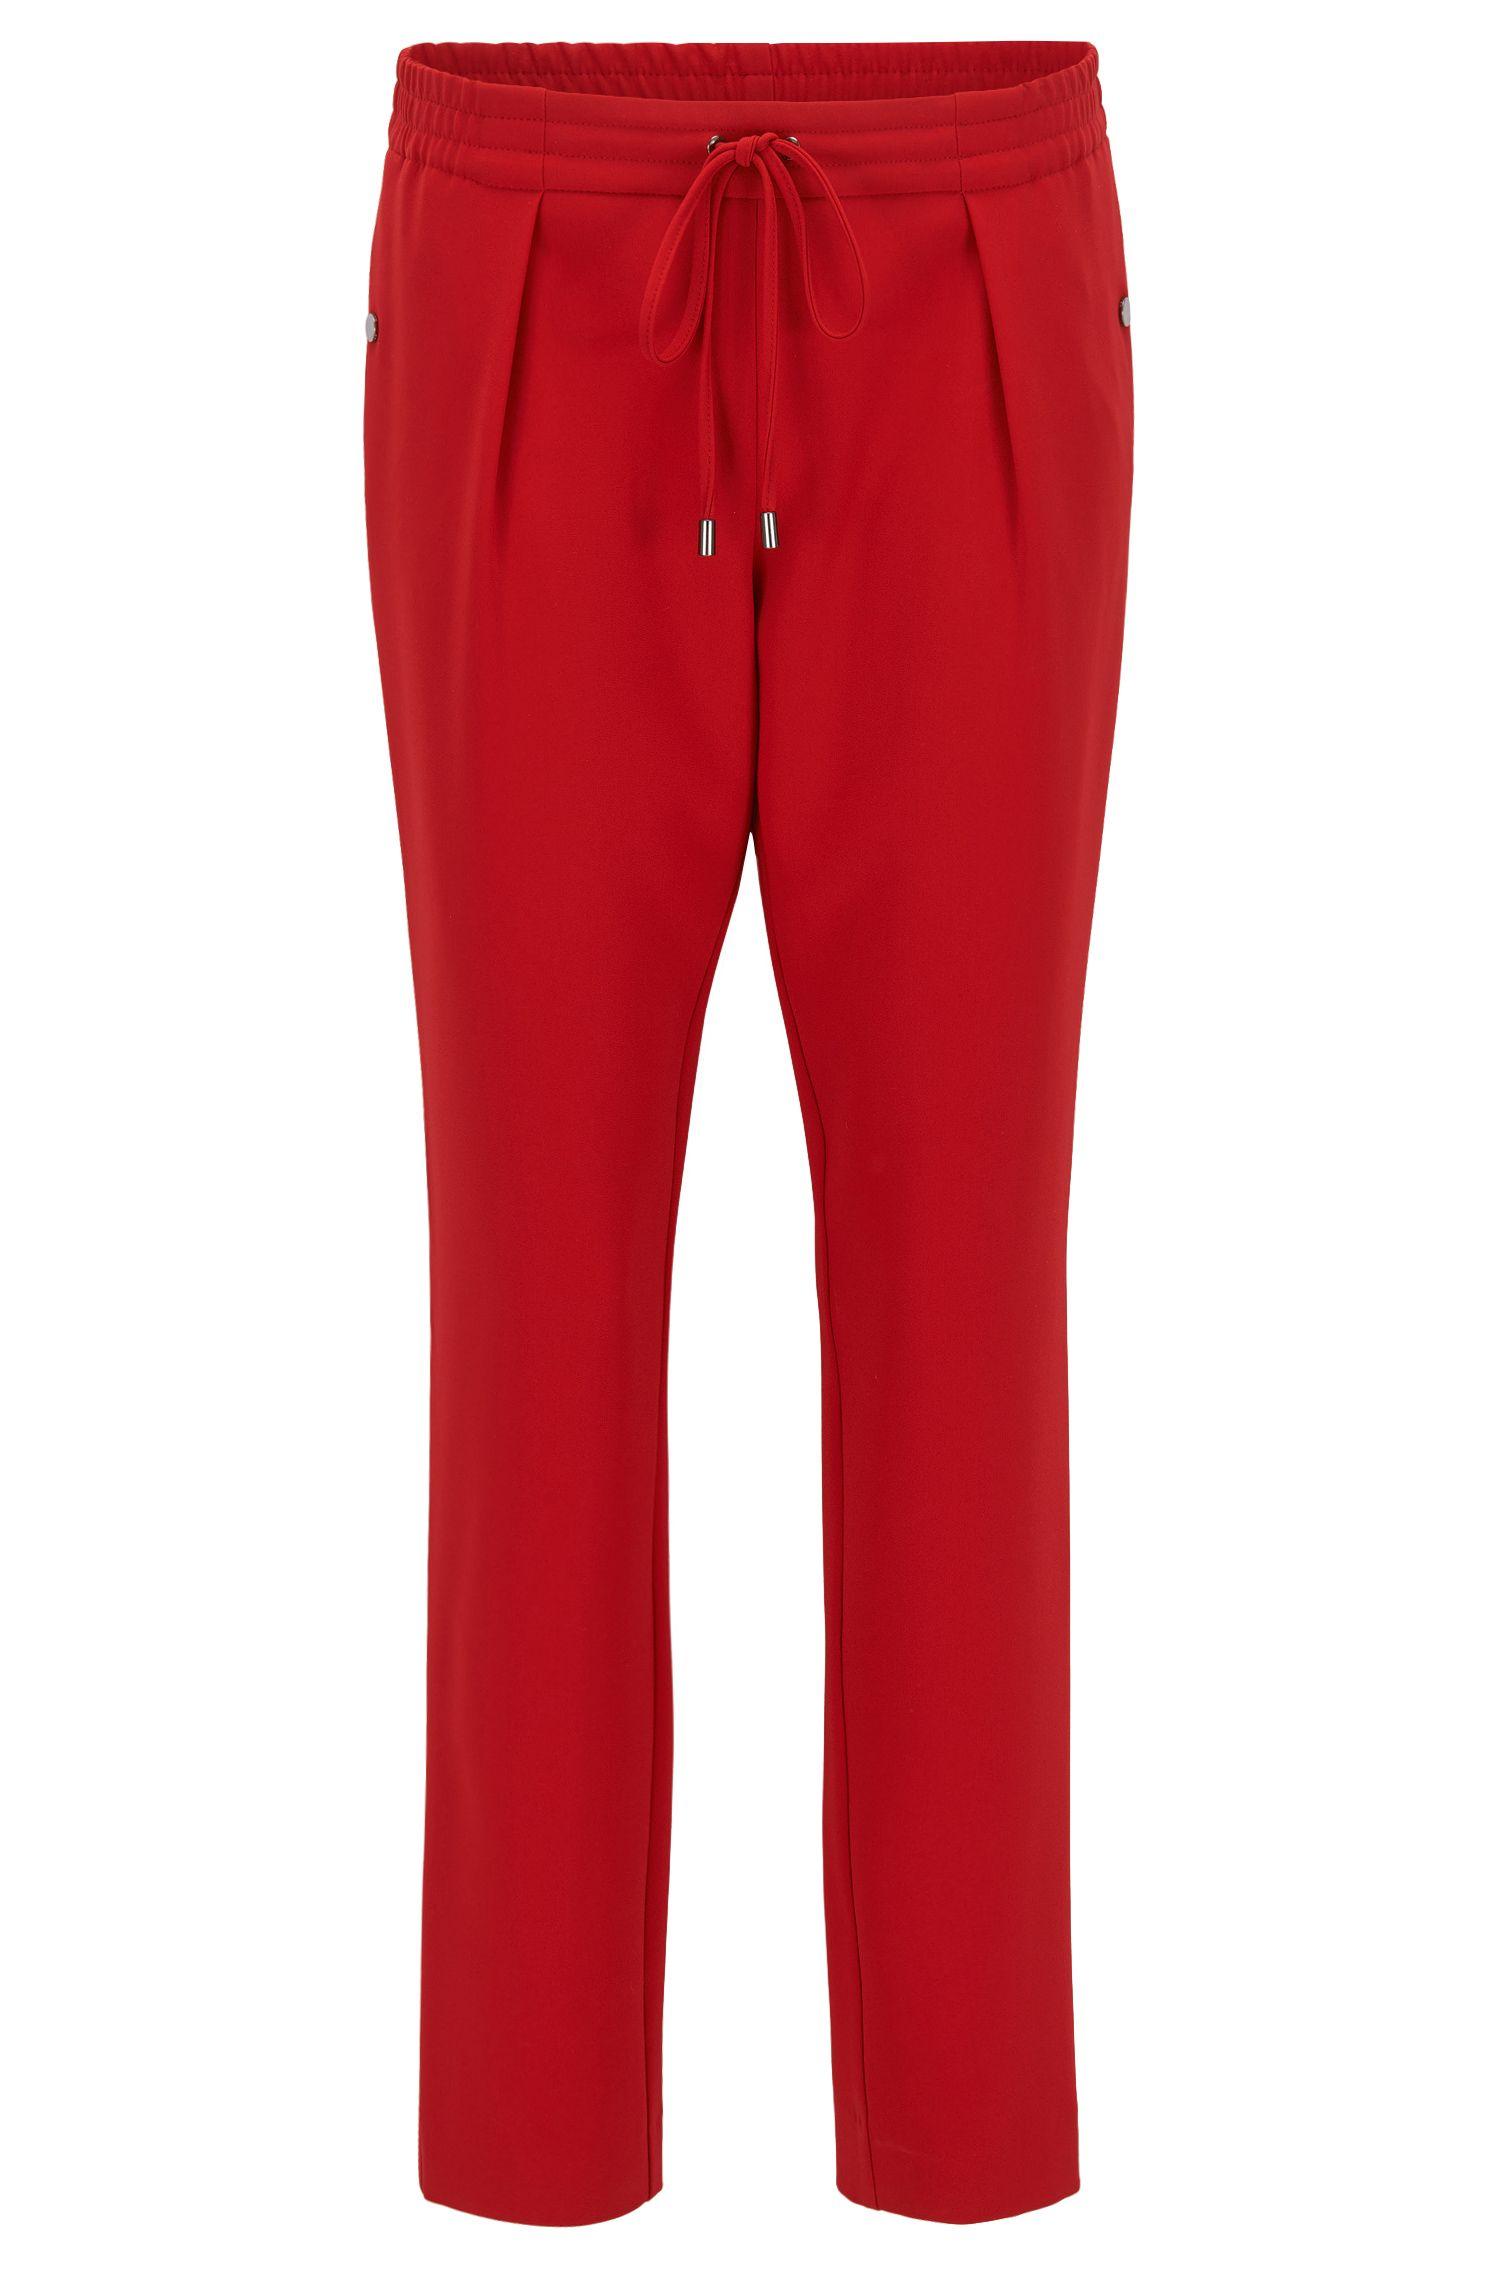 Pantalon Relaxed Fit fuselé, avec cordon de serrage